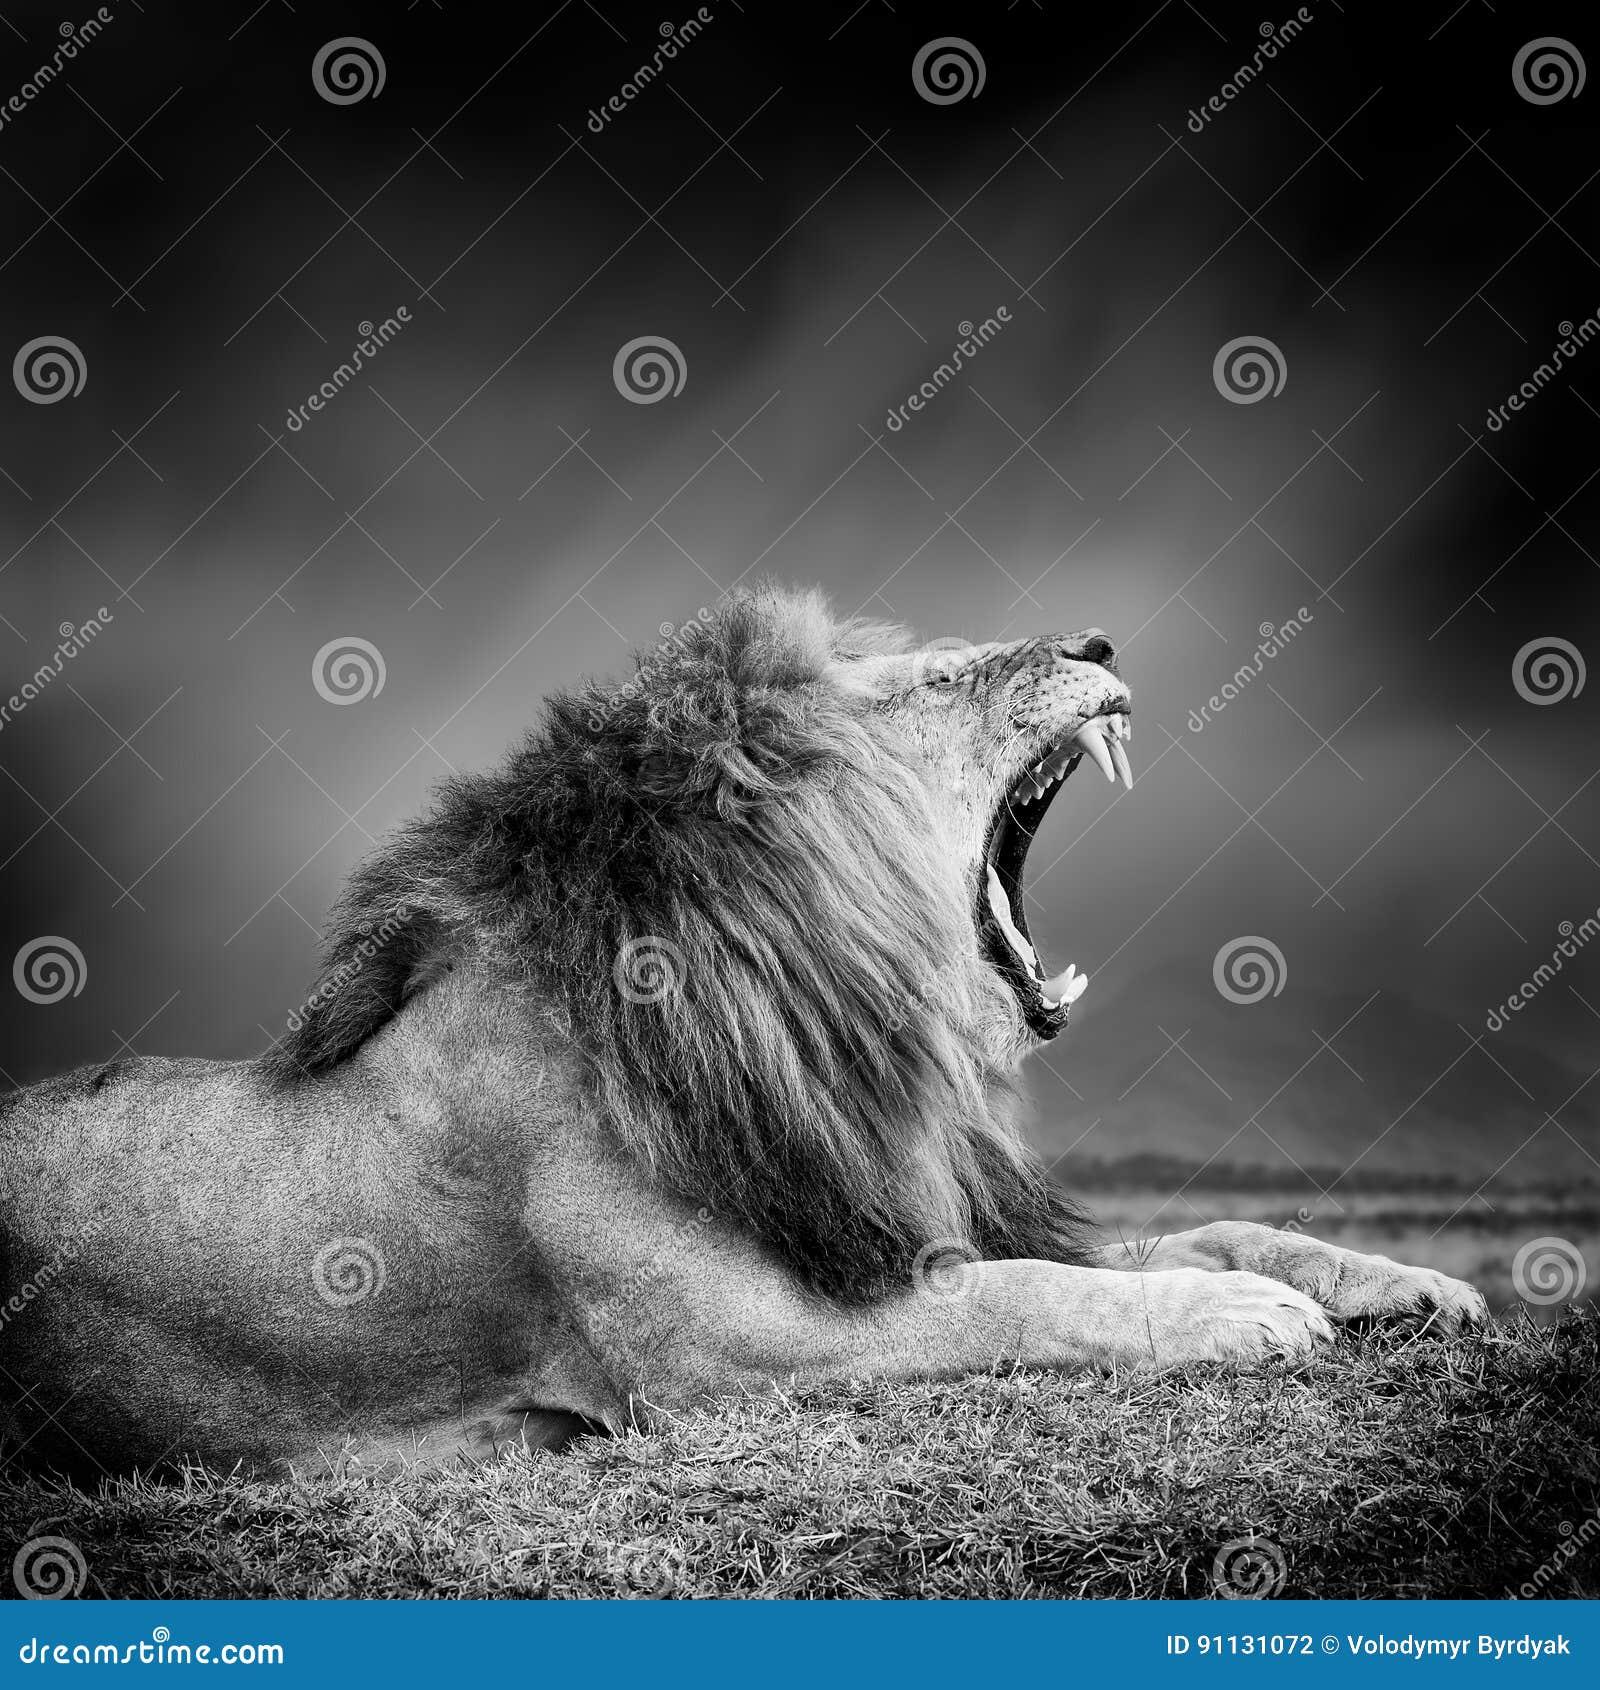 Svartvit bild av ett lejon